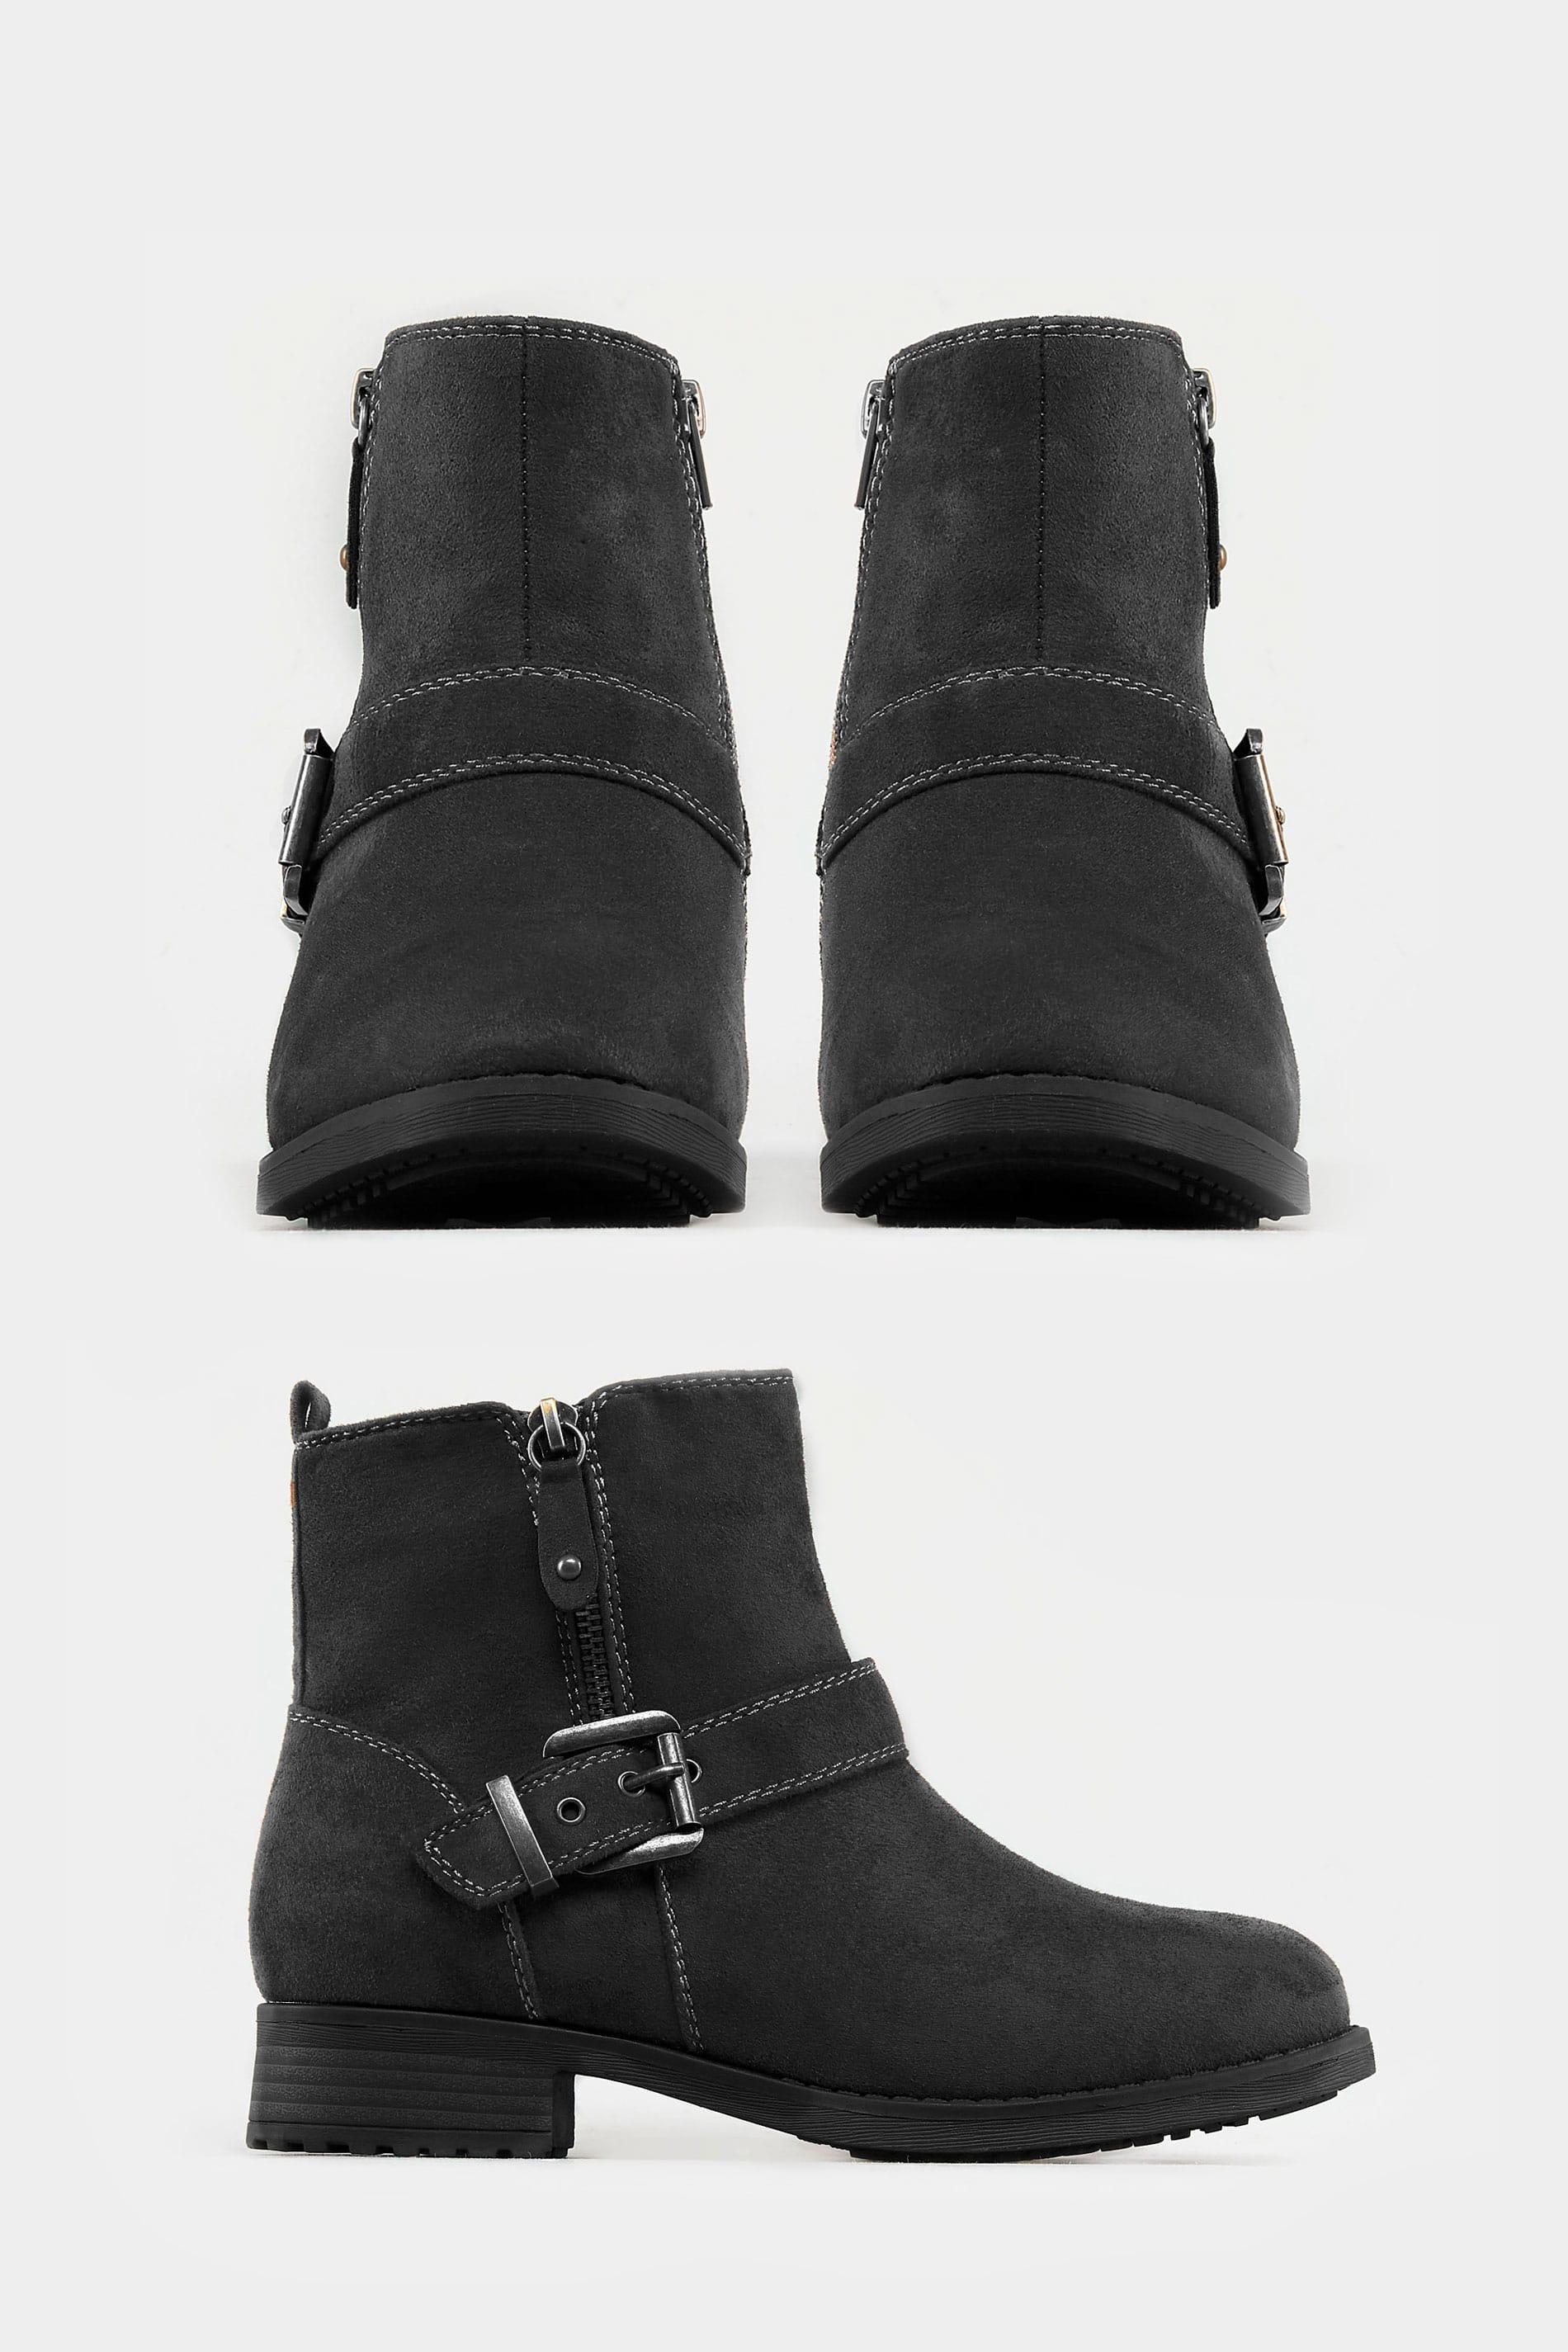 promo code fcf4c 0f340 Schwarze Ankle Boots mit Schnalle & weiter Passform EEE Fit